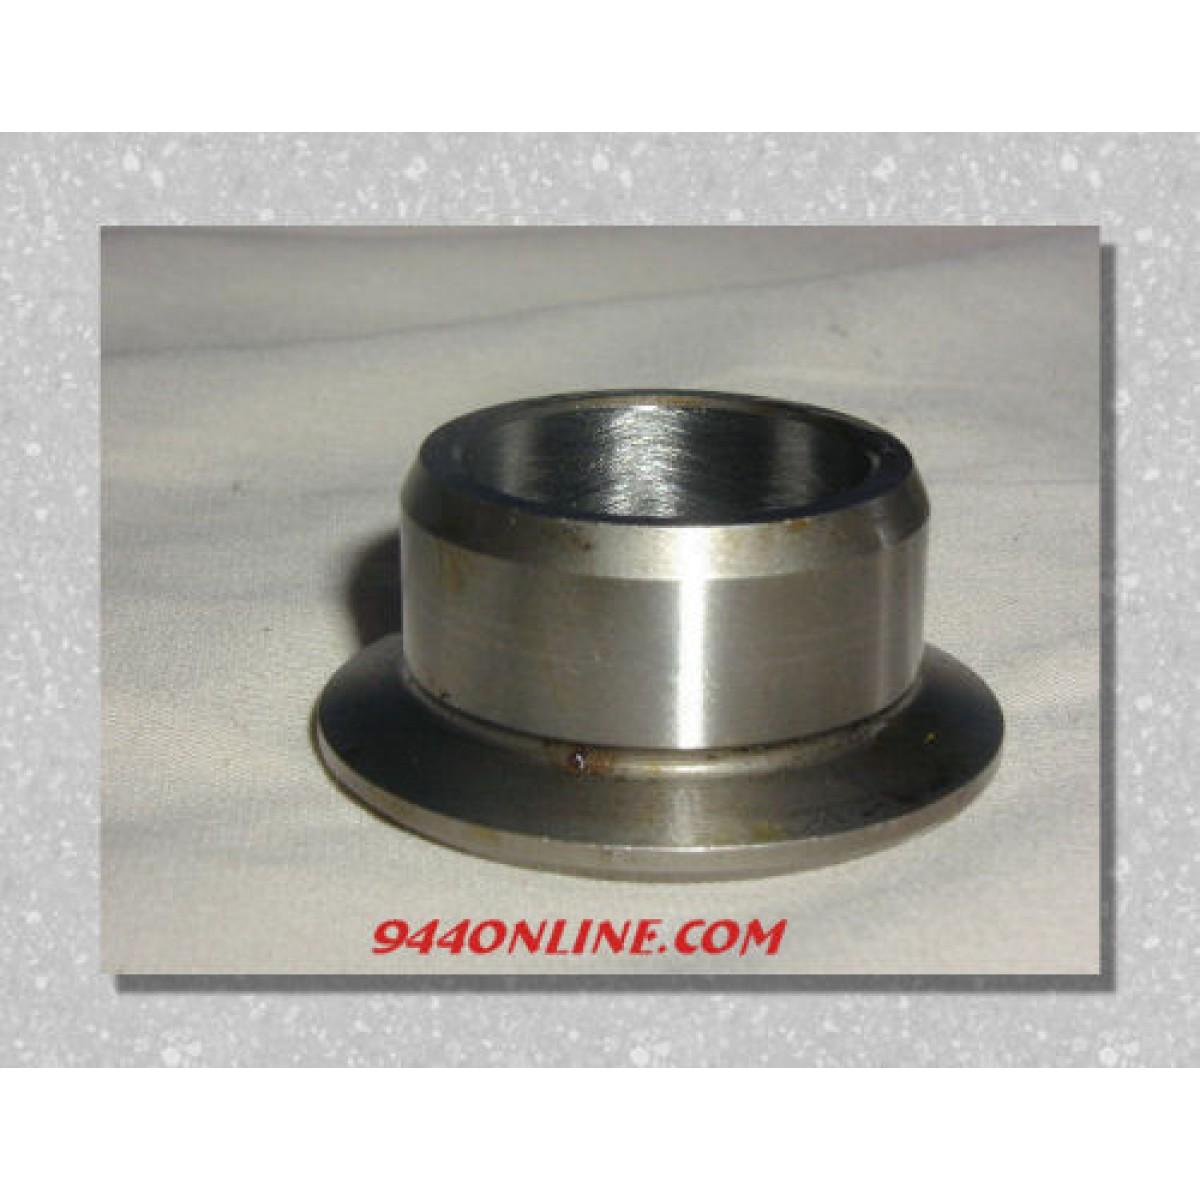 Balance shaft seal collar